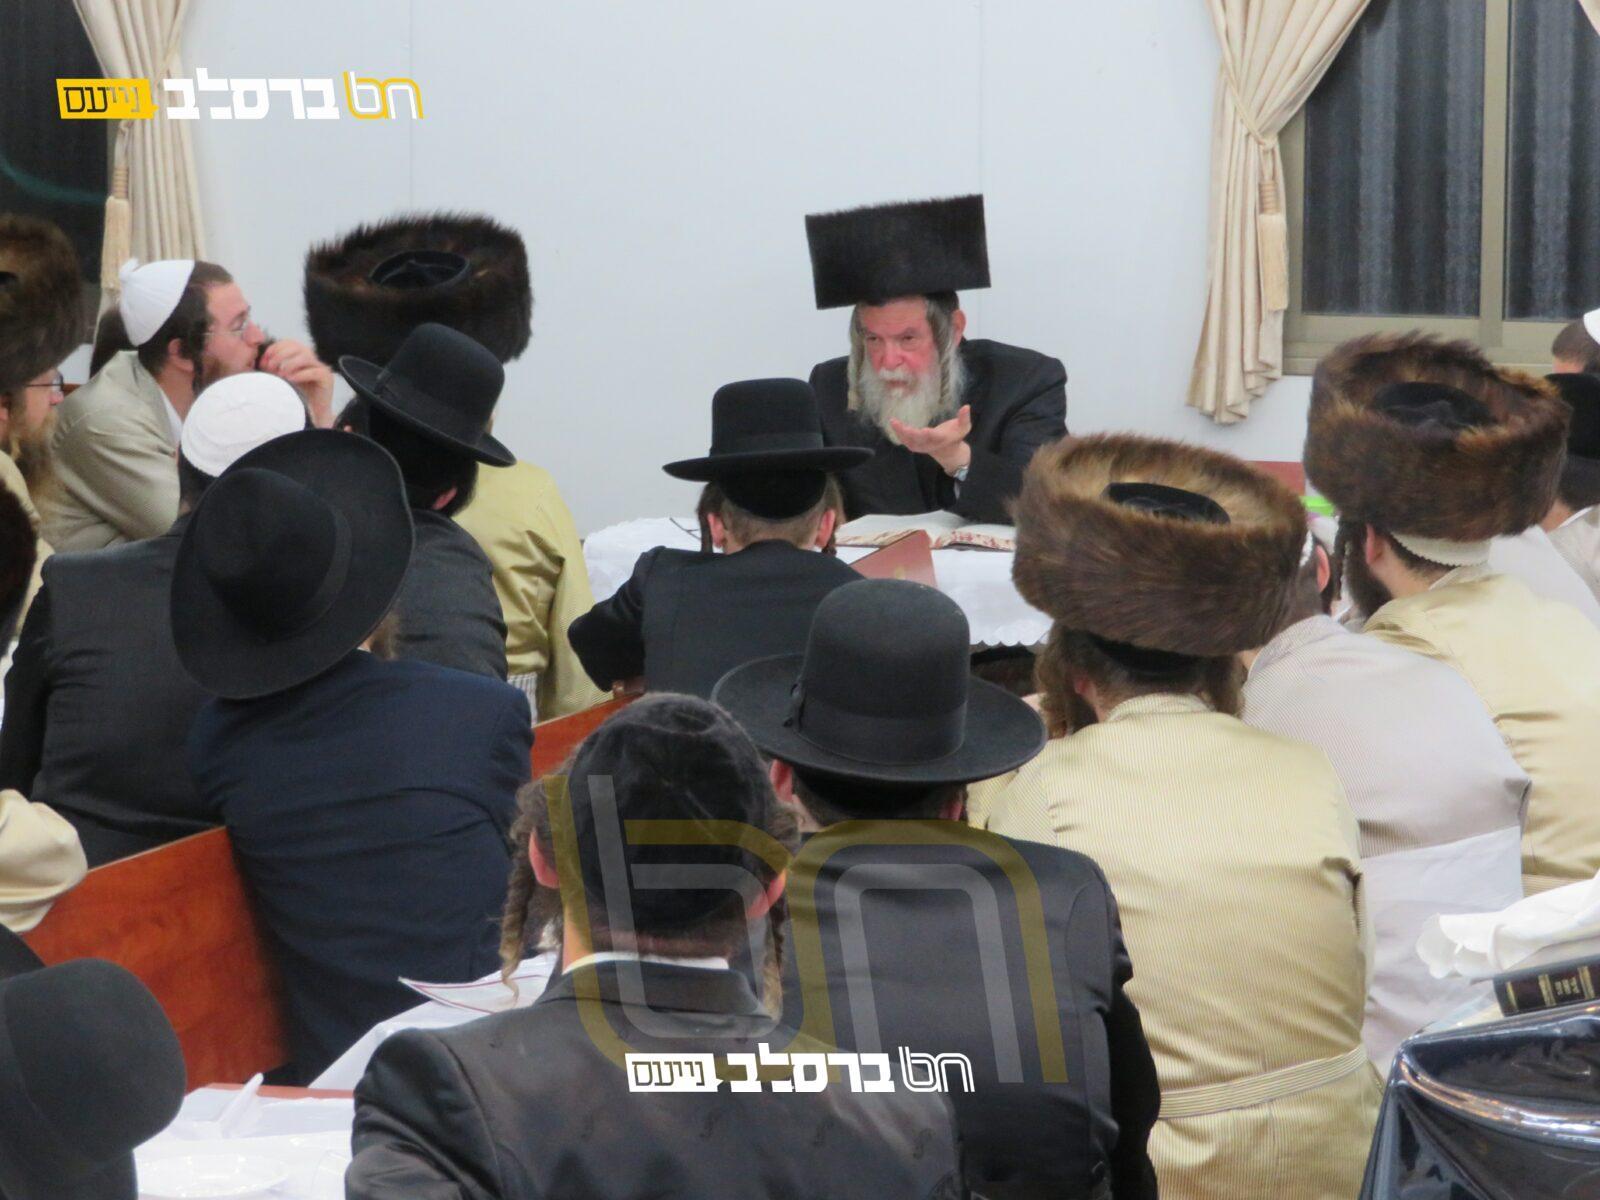 """בית שמש • שבת הכנה לל""""ג בעומר בבית הכנסת ברסלב קנה בושם עם הגר""""צ חשין"""